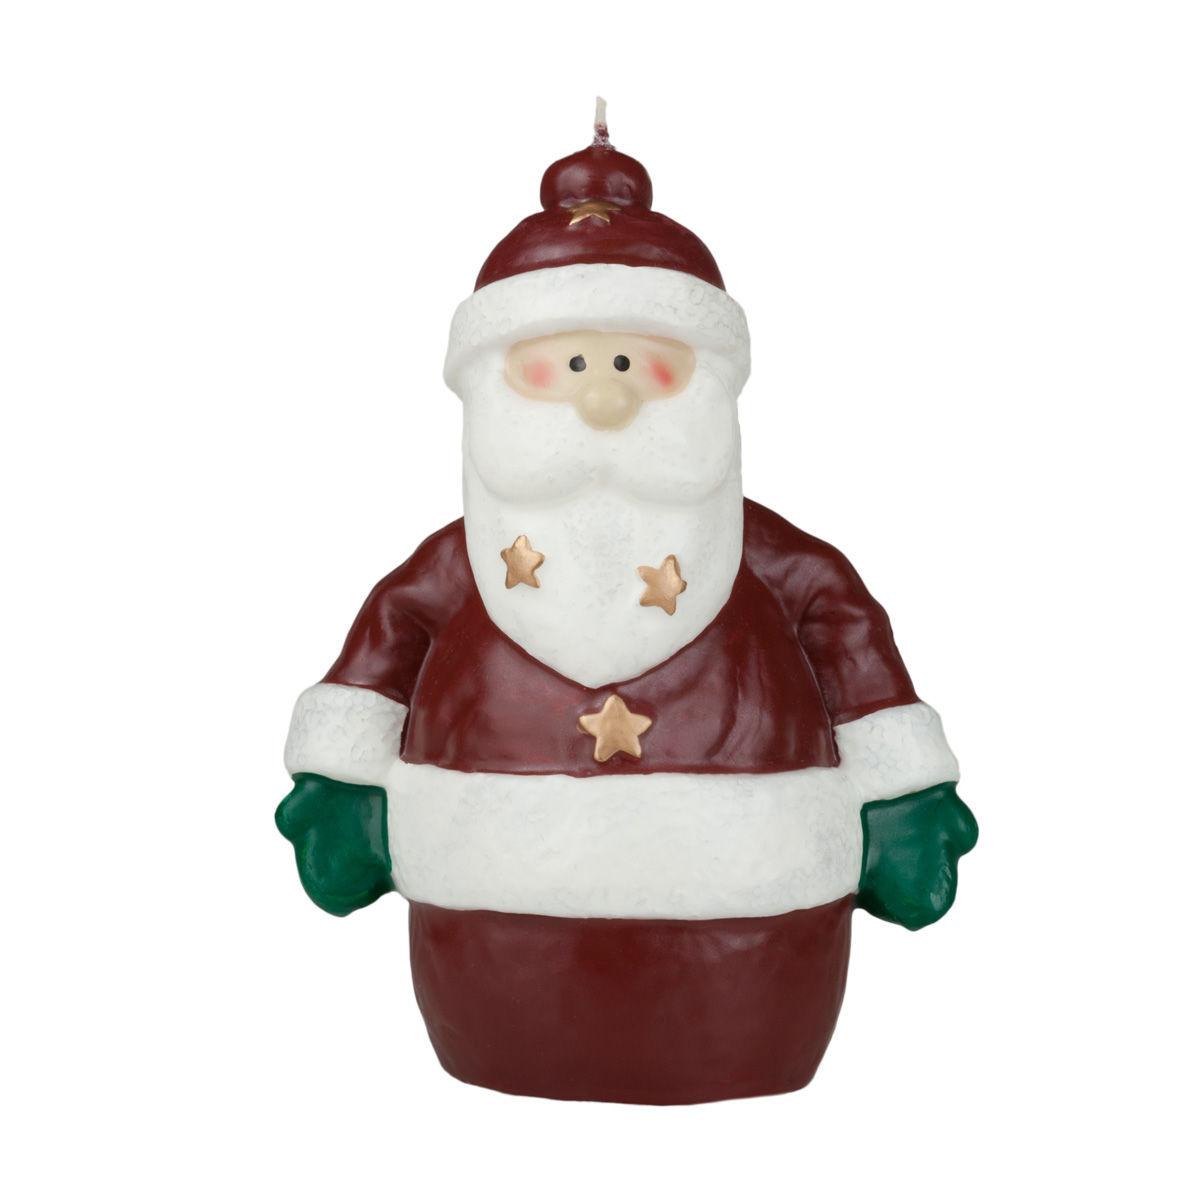 Friendly Santa Claus Both Hands Down Unique Christmas